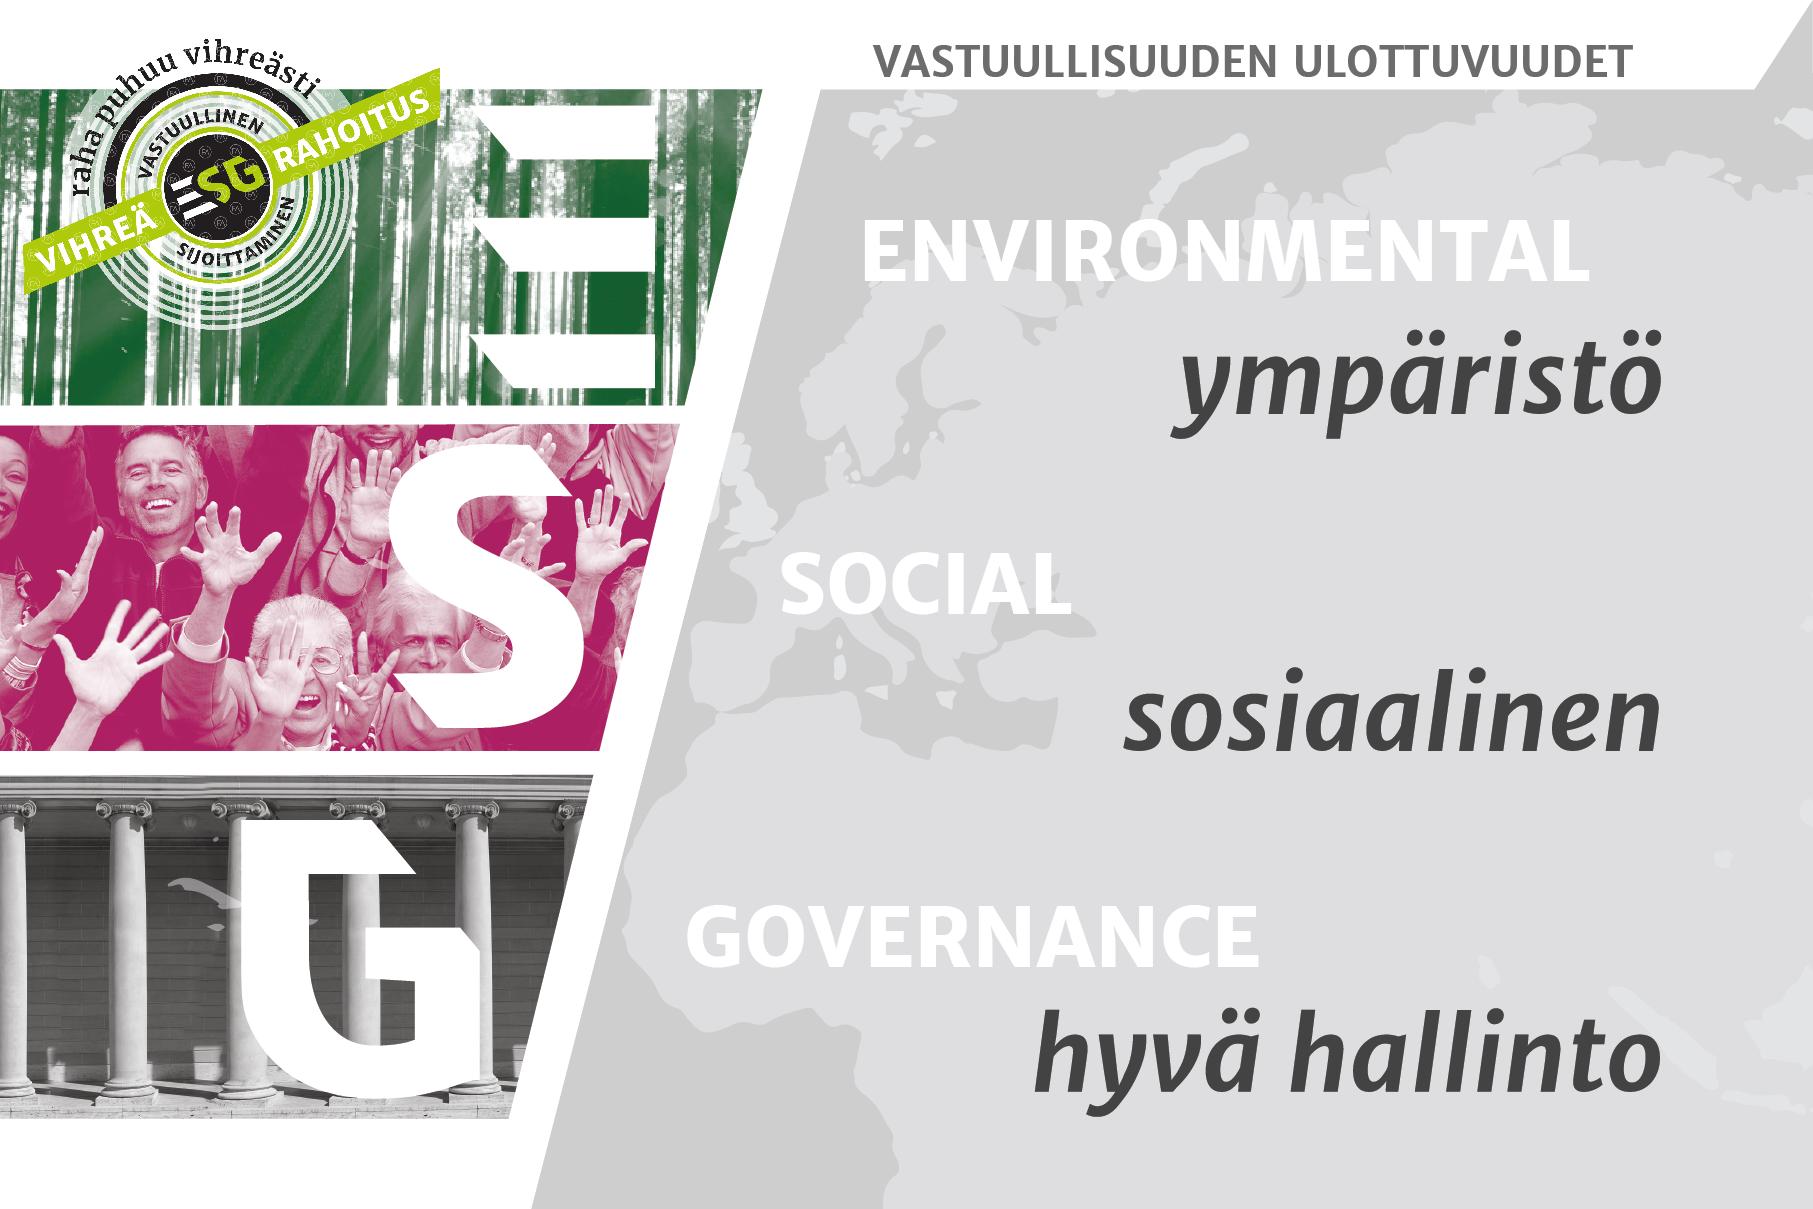 ESG-rekisteristäselviäisi, miten hyvin yritykset ovat ottaneet huomioon ympäristö- ja yhteiskuntavastuun sekä hyvän hallintotavan.